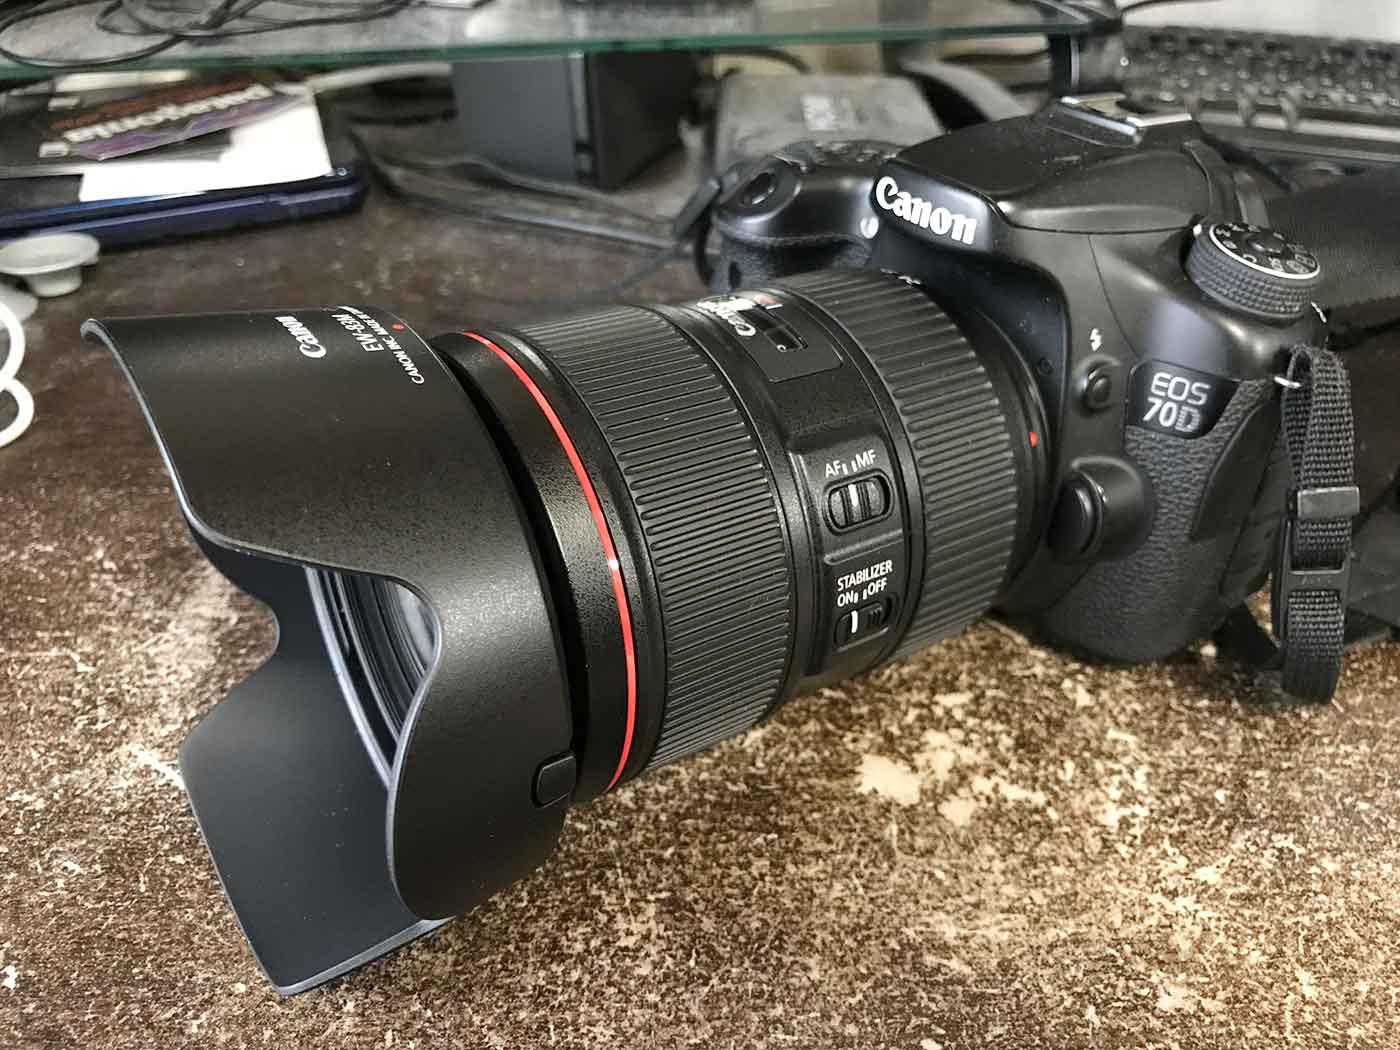 eos70dとcanon-ef24-105mm-f4l-is-ii-usm